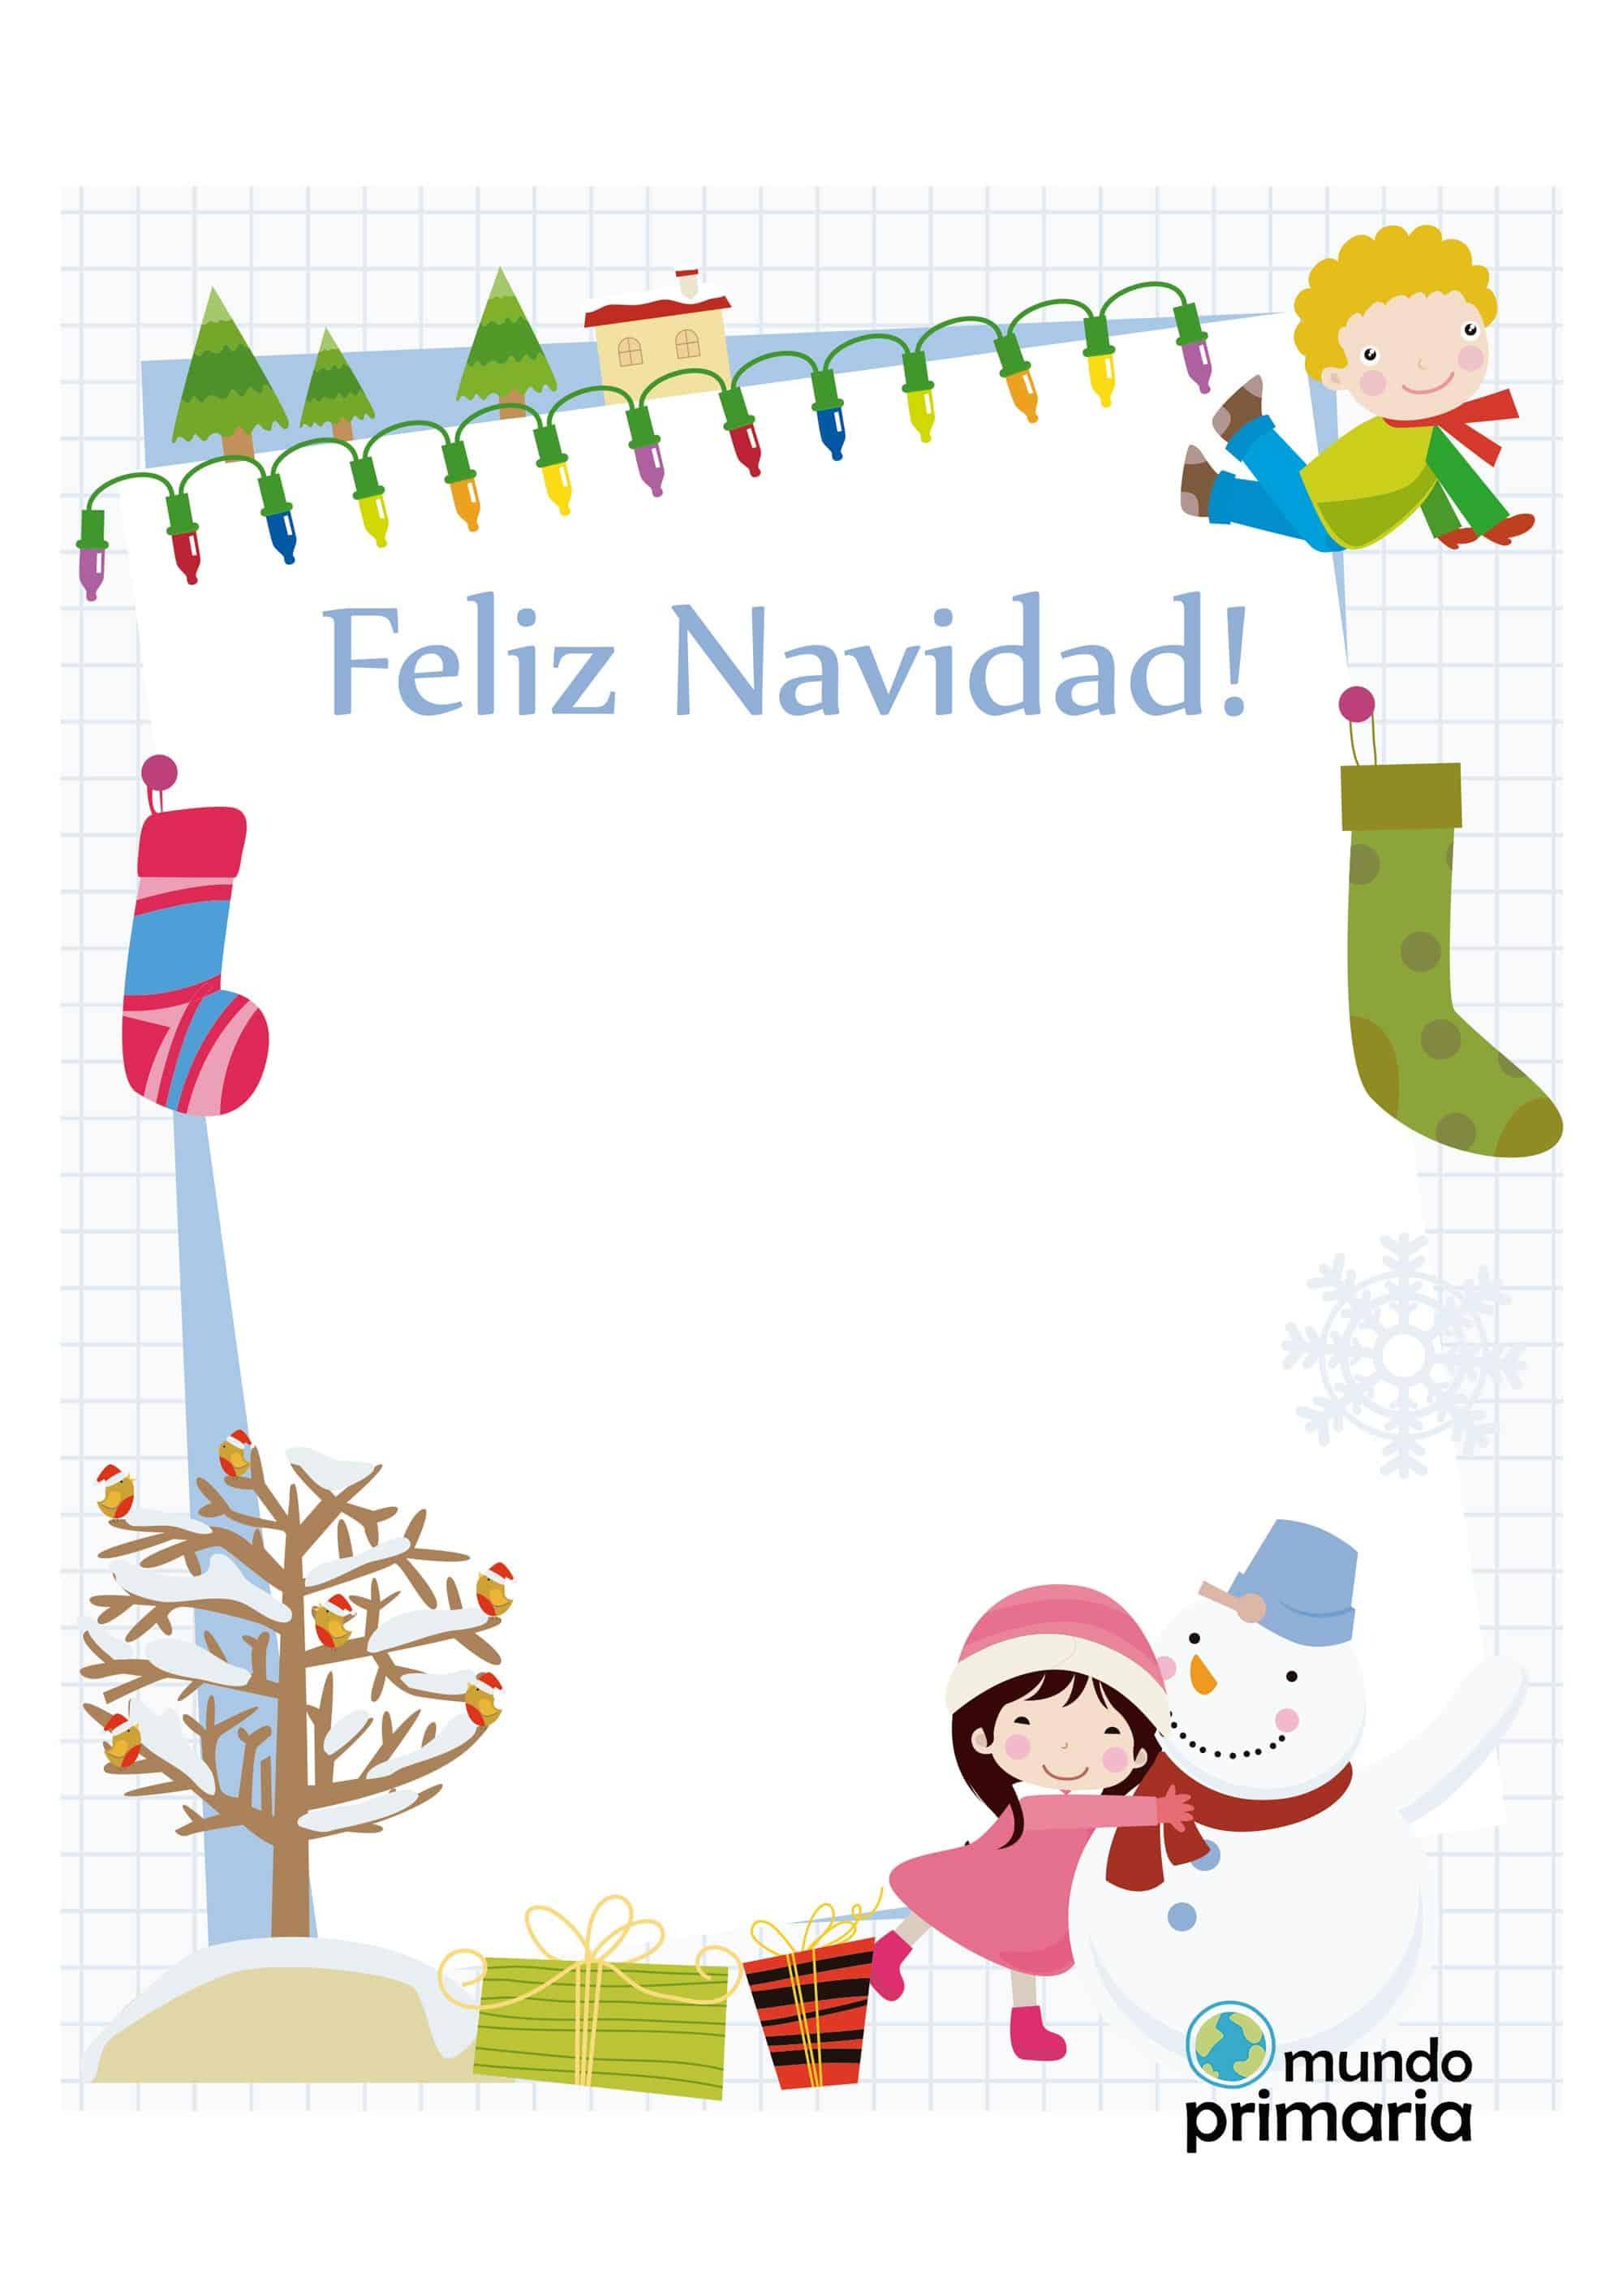 Navidad para ni os recursos did cticos para navidad for Tarjetas de navidad hechas por ninos